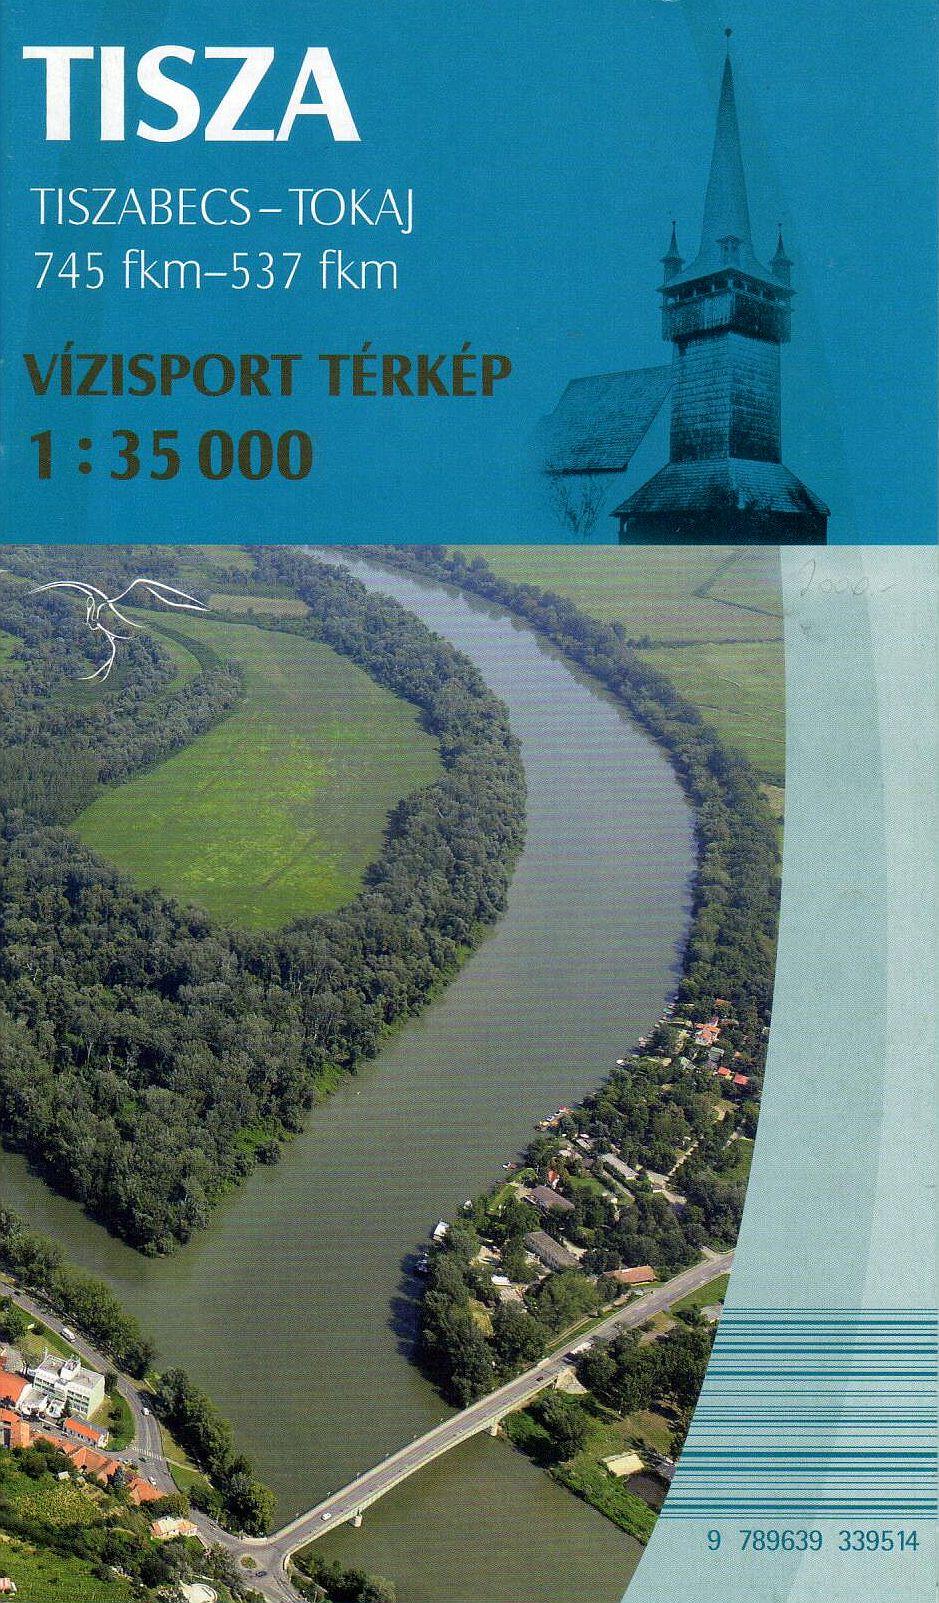 A Tisza részletes térképe az ukrán határtól Tokajig angol-német-magyar jelmagyarázatta, biciklis és szabadidő tematikávall